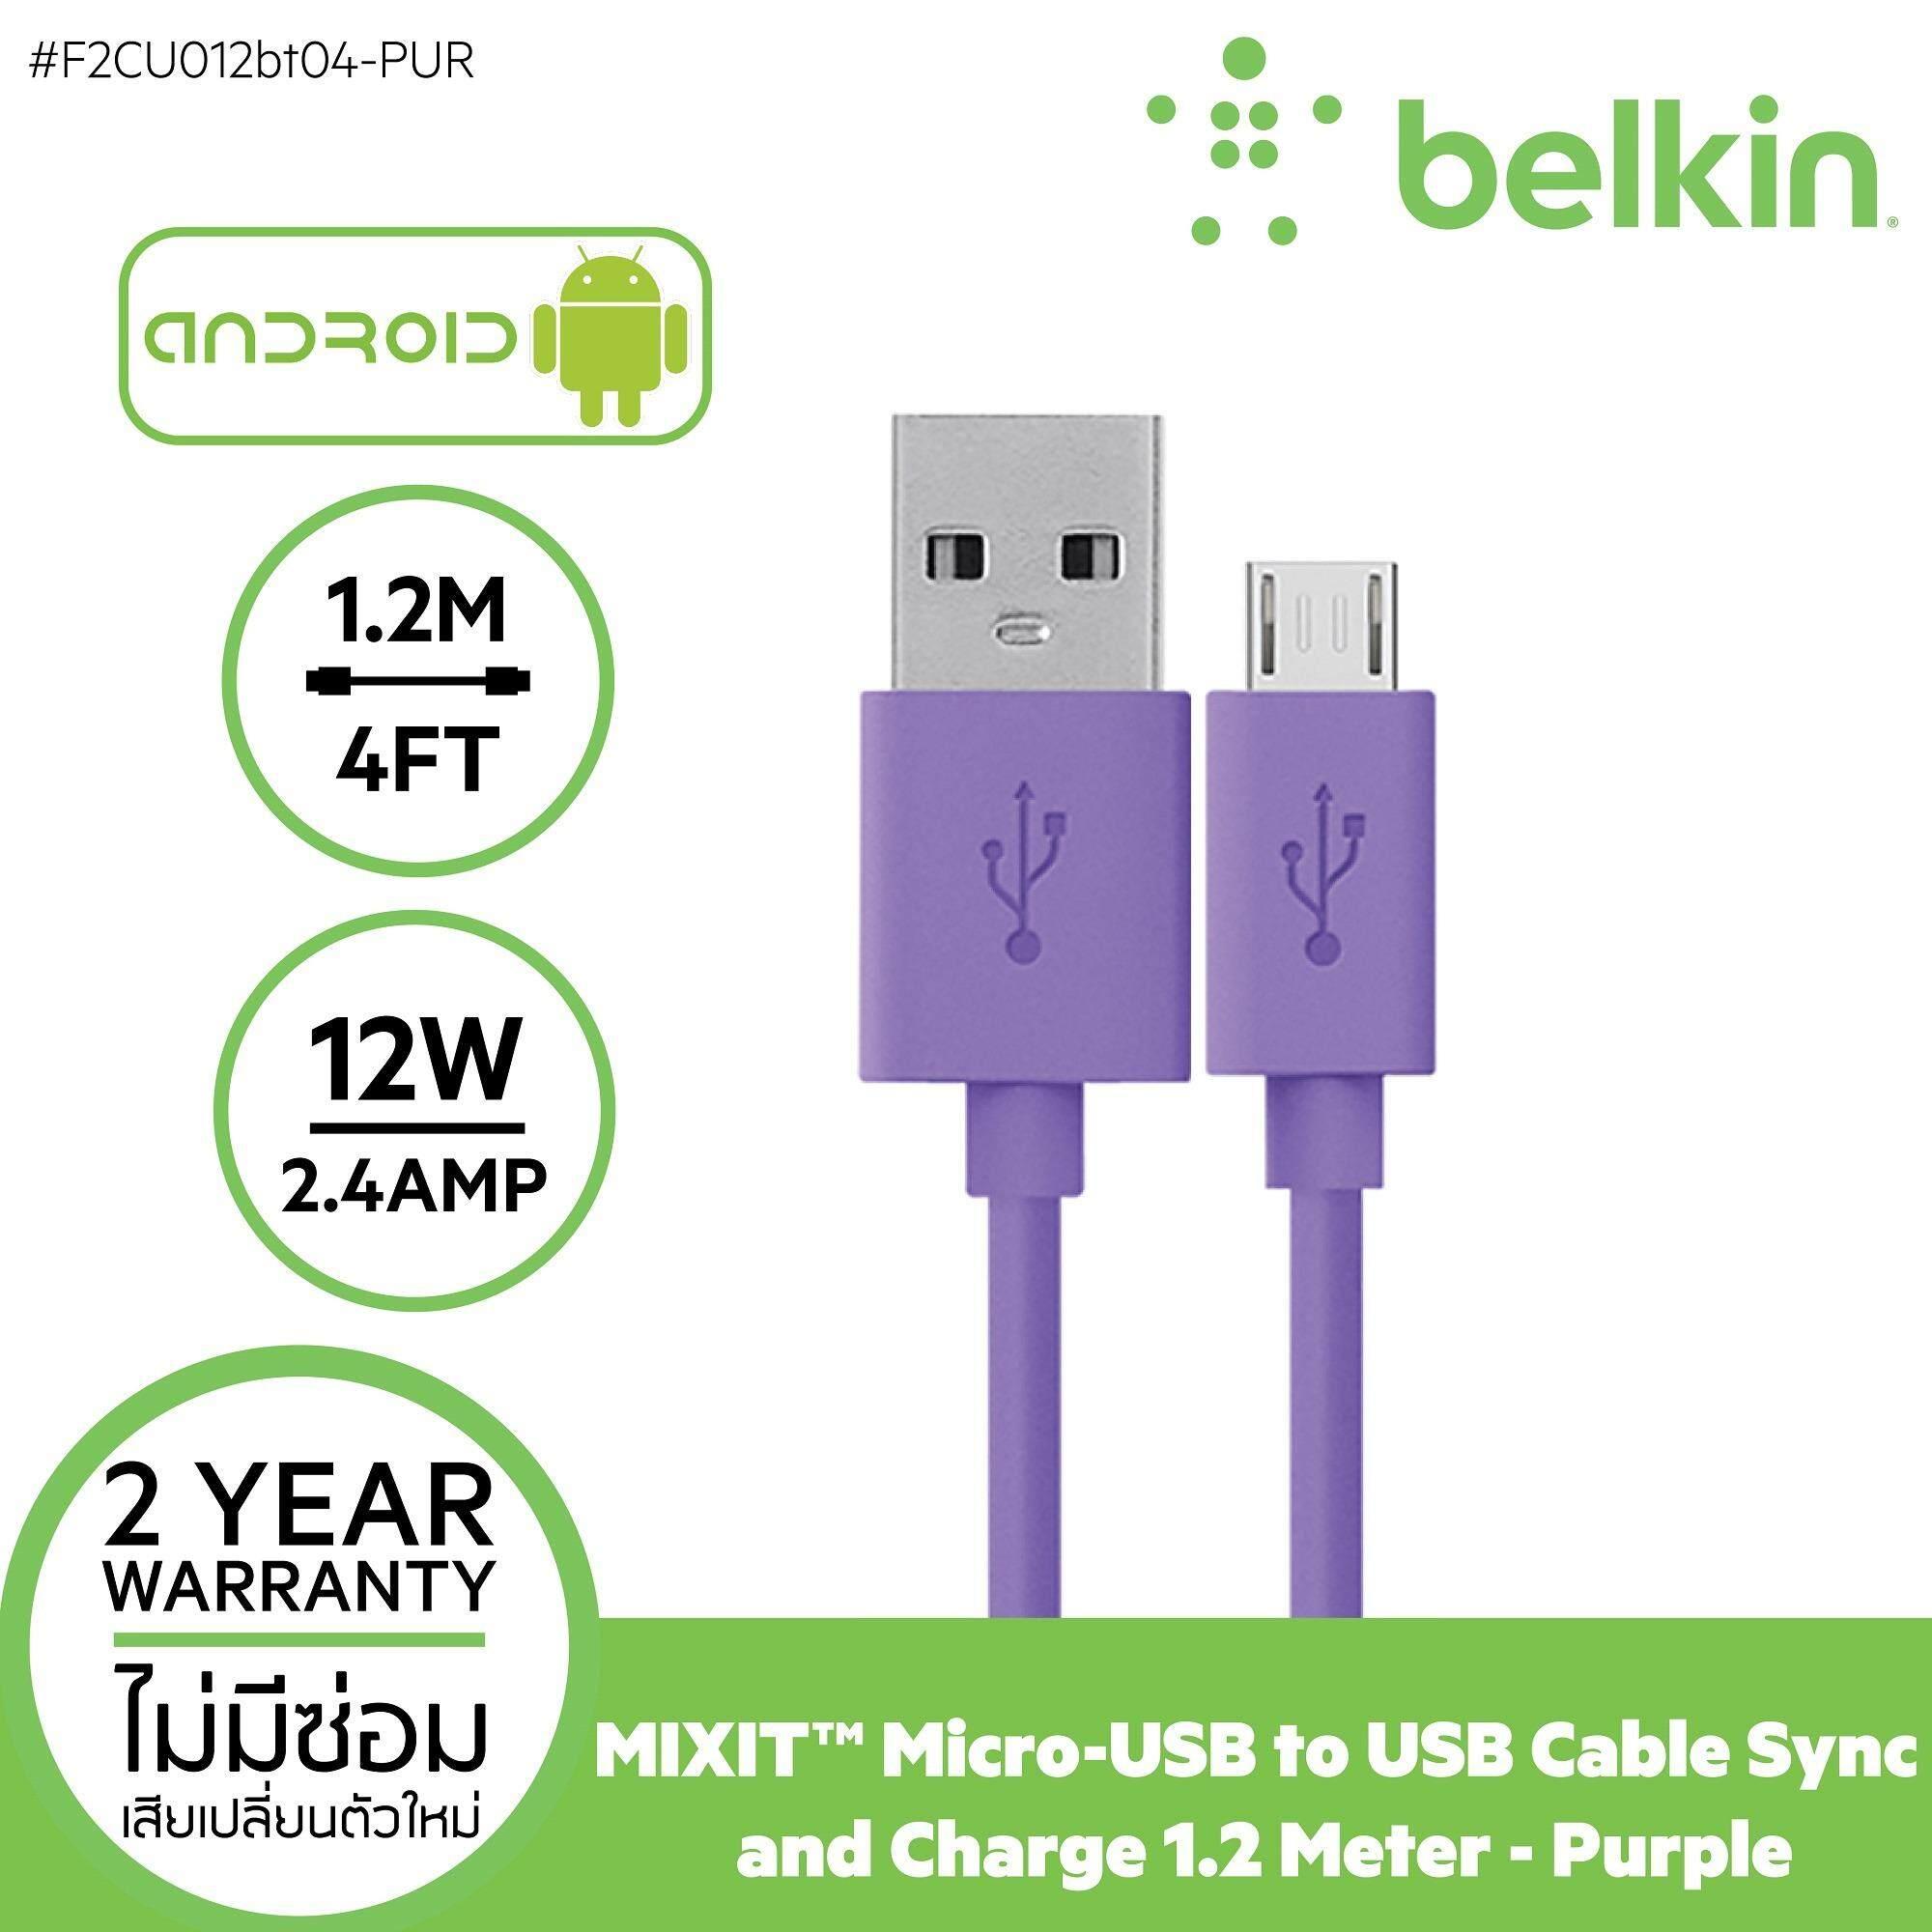 ซื้อ สายชาร์จ ไมโคร ยูเอสบี 1 2 เมตร สำหรับแอนดรอยด์ ซัมซุง แบตเตอรี่สำรอง เบลคิน Belkin Mixit↑™ Micro Usb Chargesync Cable F2Cu012Bt04 Pur ออนไลน์ กรุงเทพมหานคร